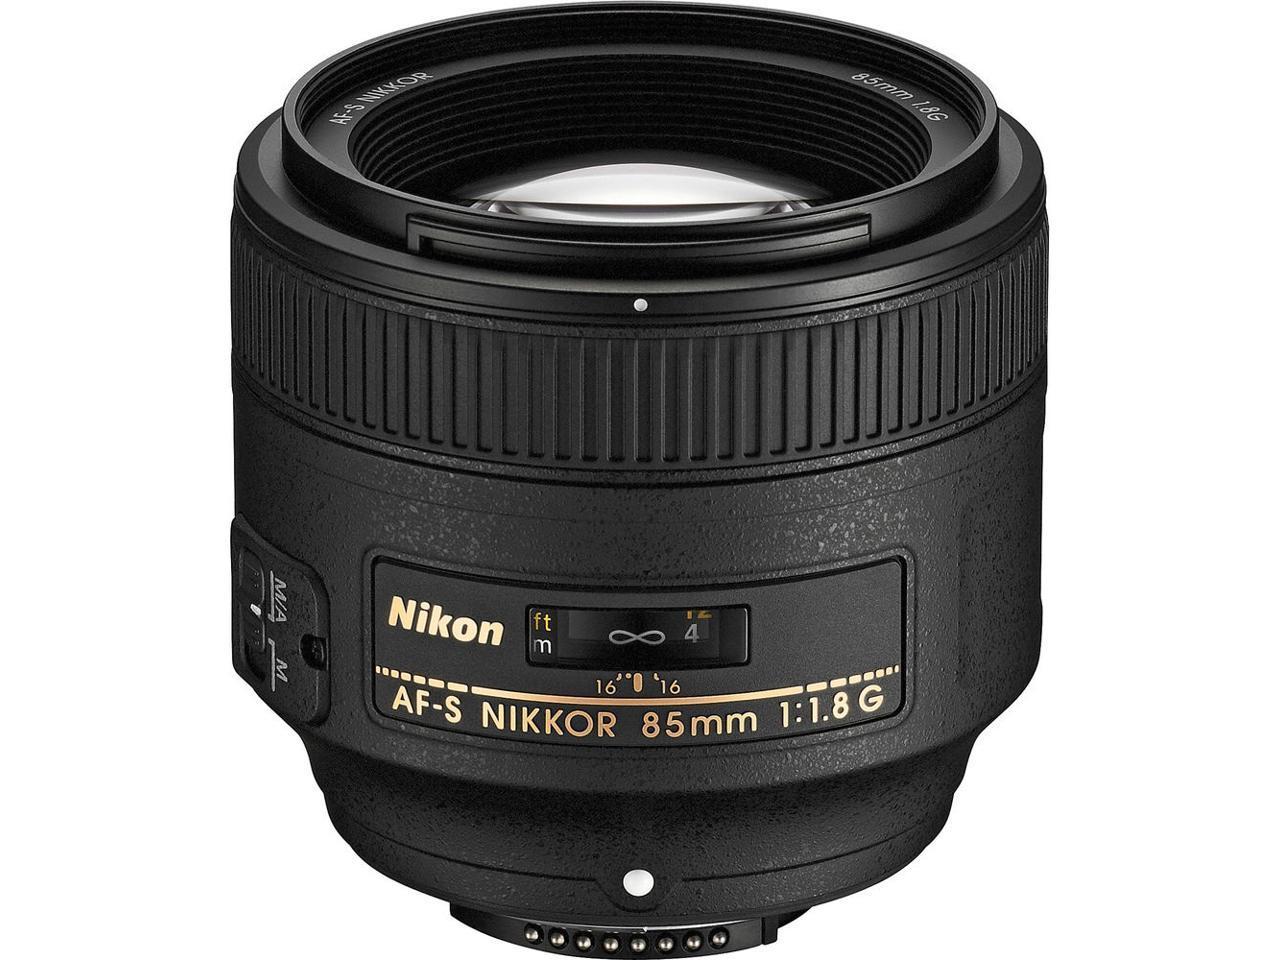 Lens Hood Universal 67mm black for Nikon AF-S 85 mm F1.8 G